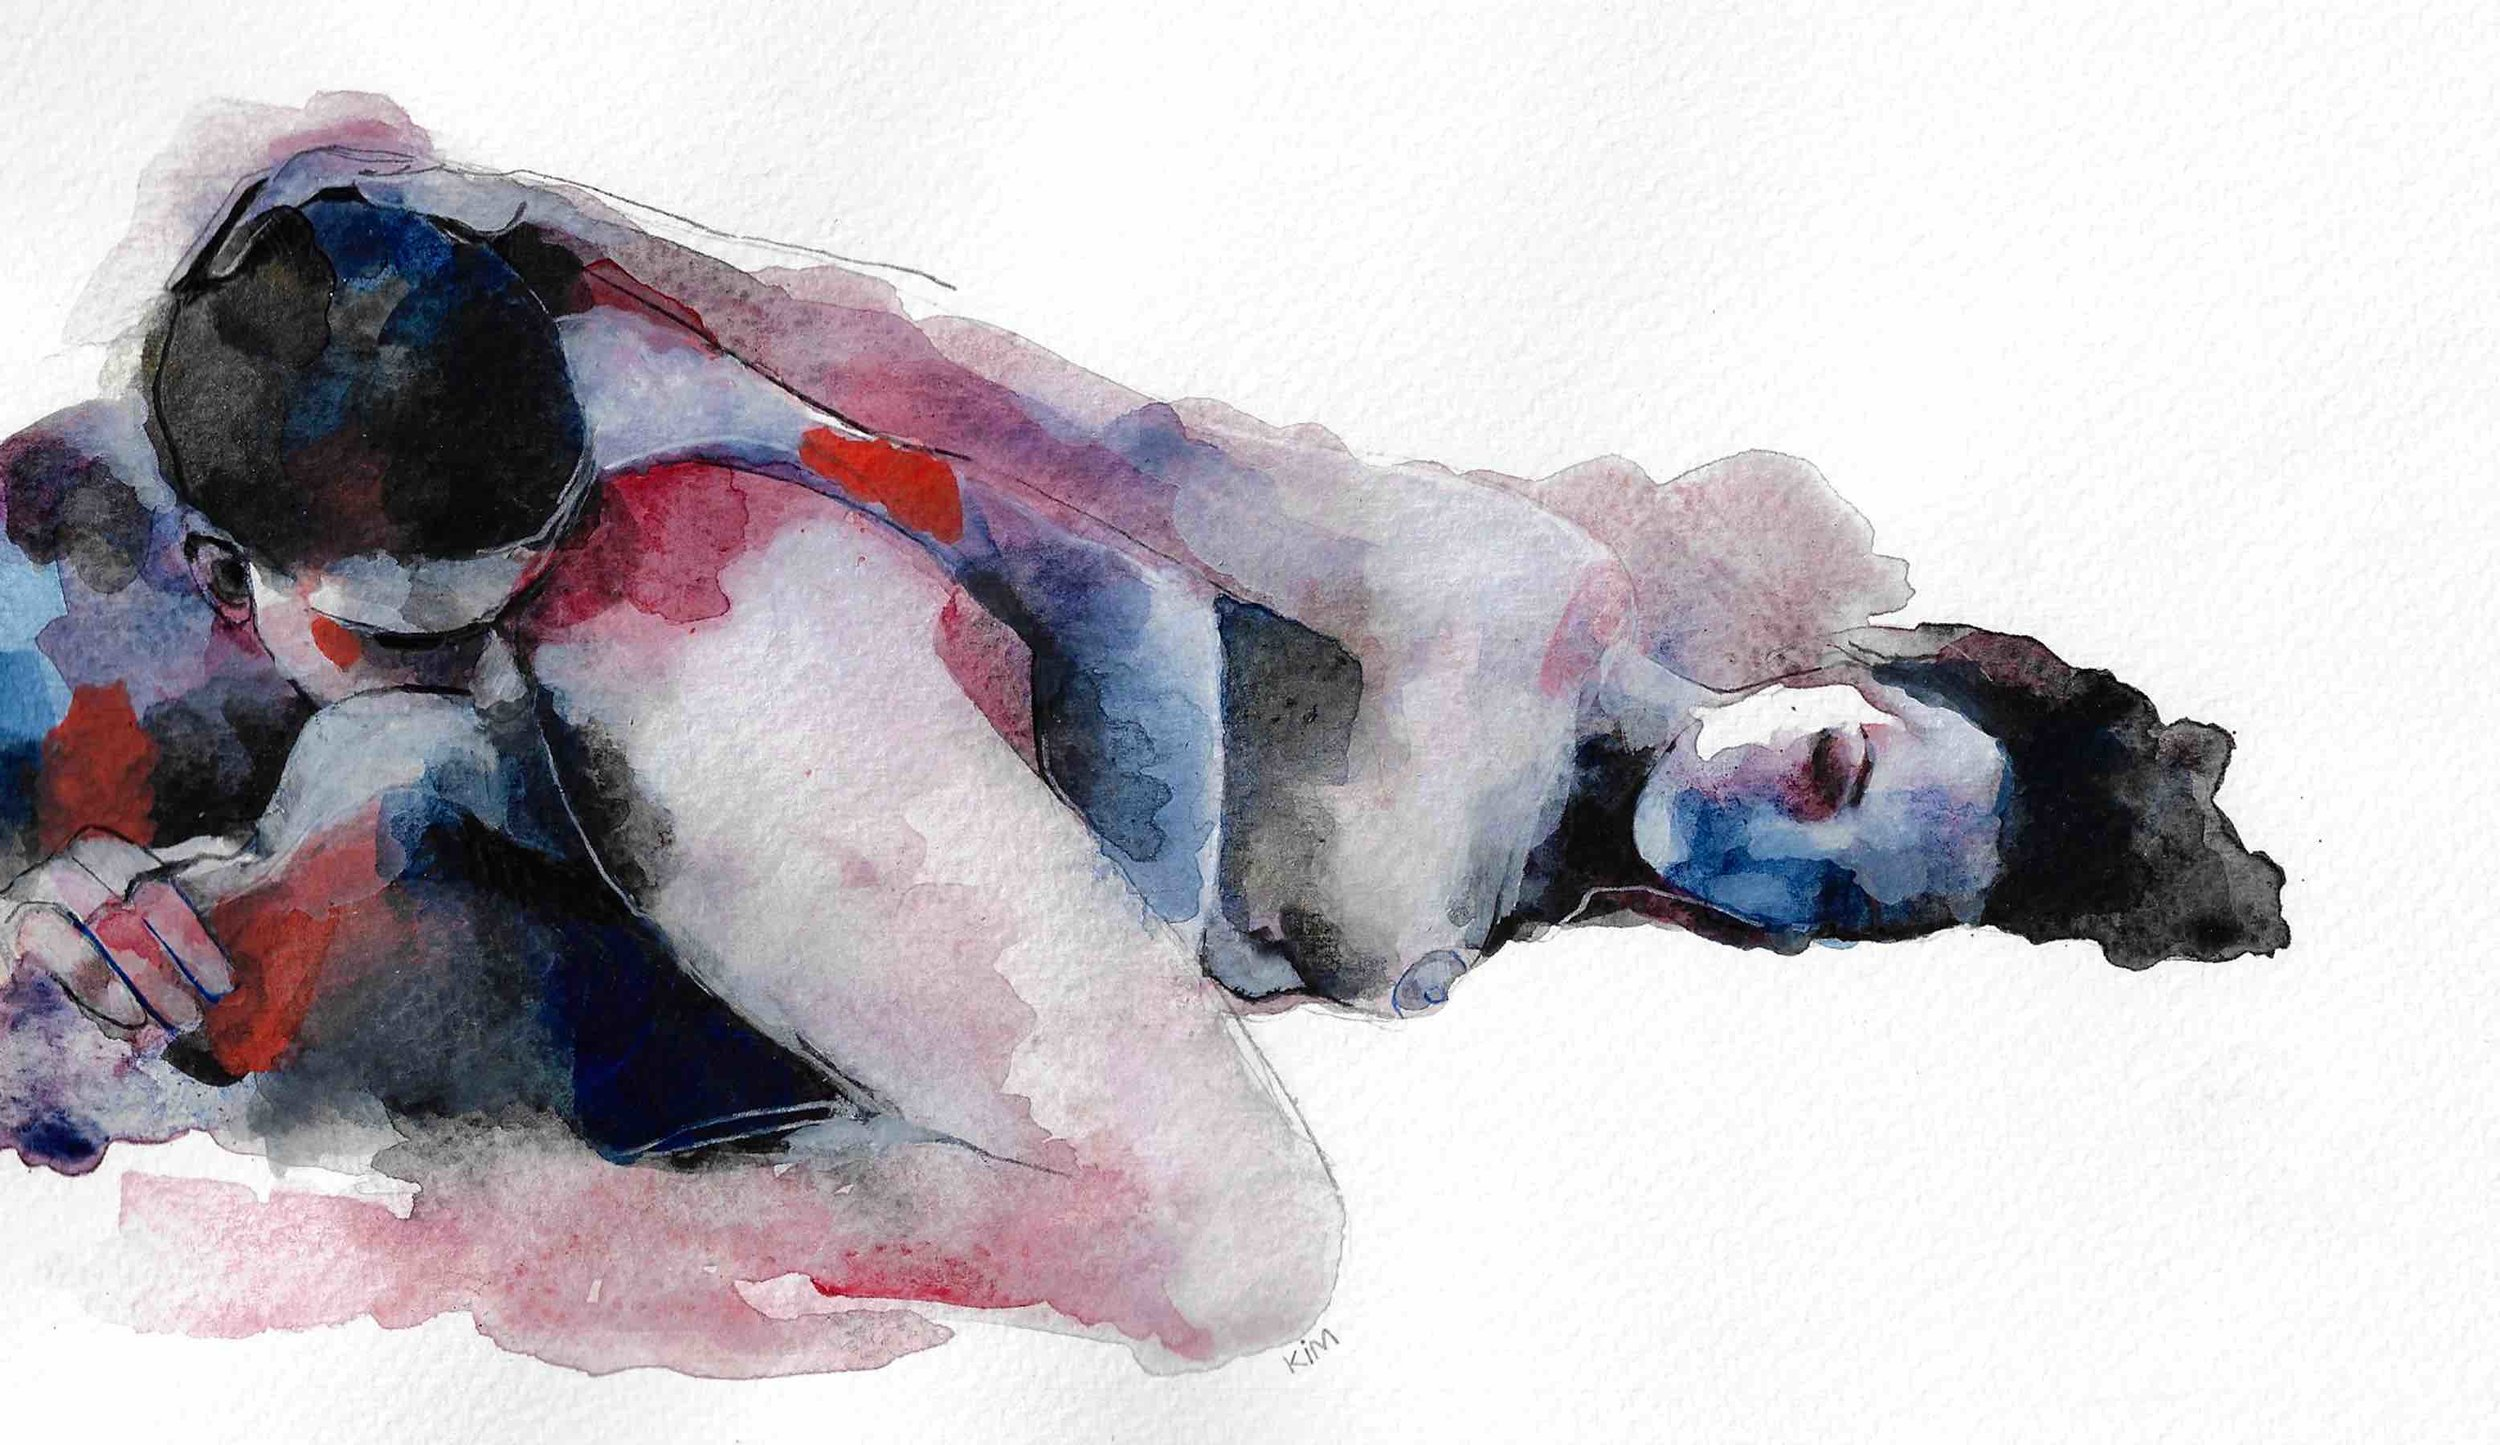 Ass eater by artist Kim Manning